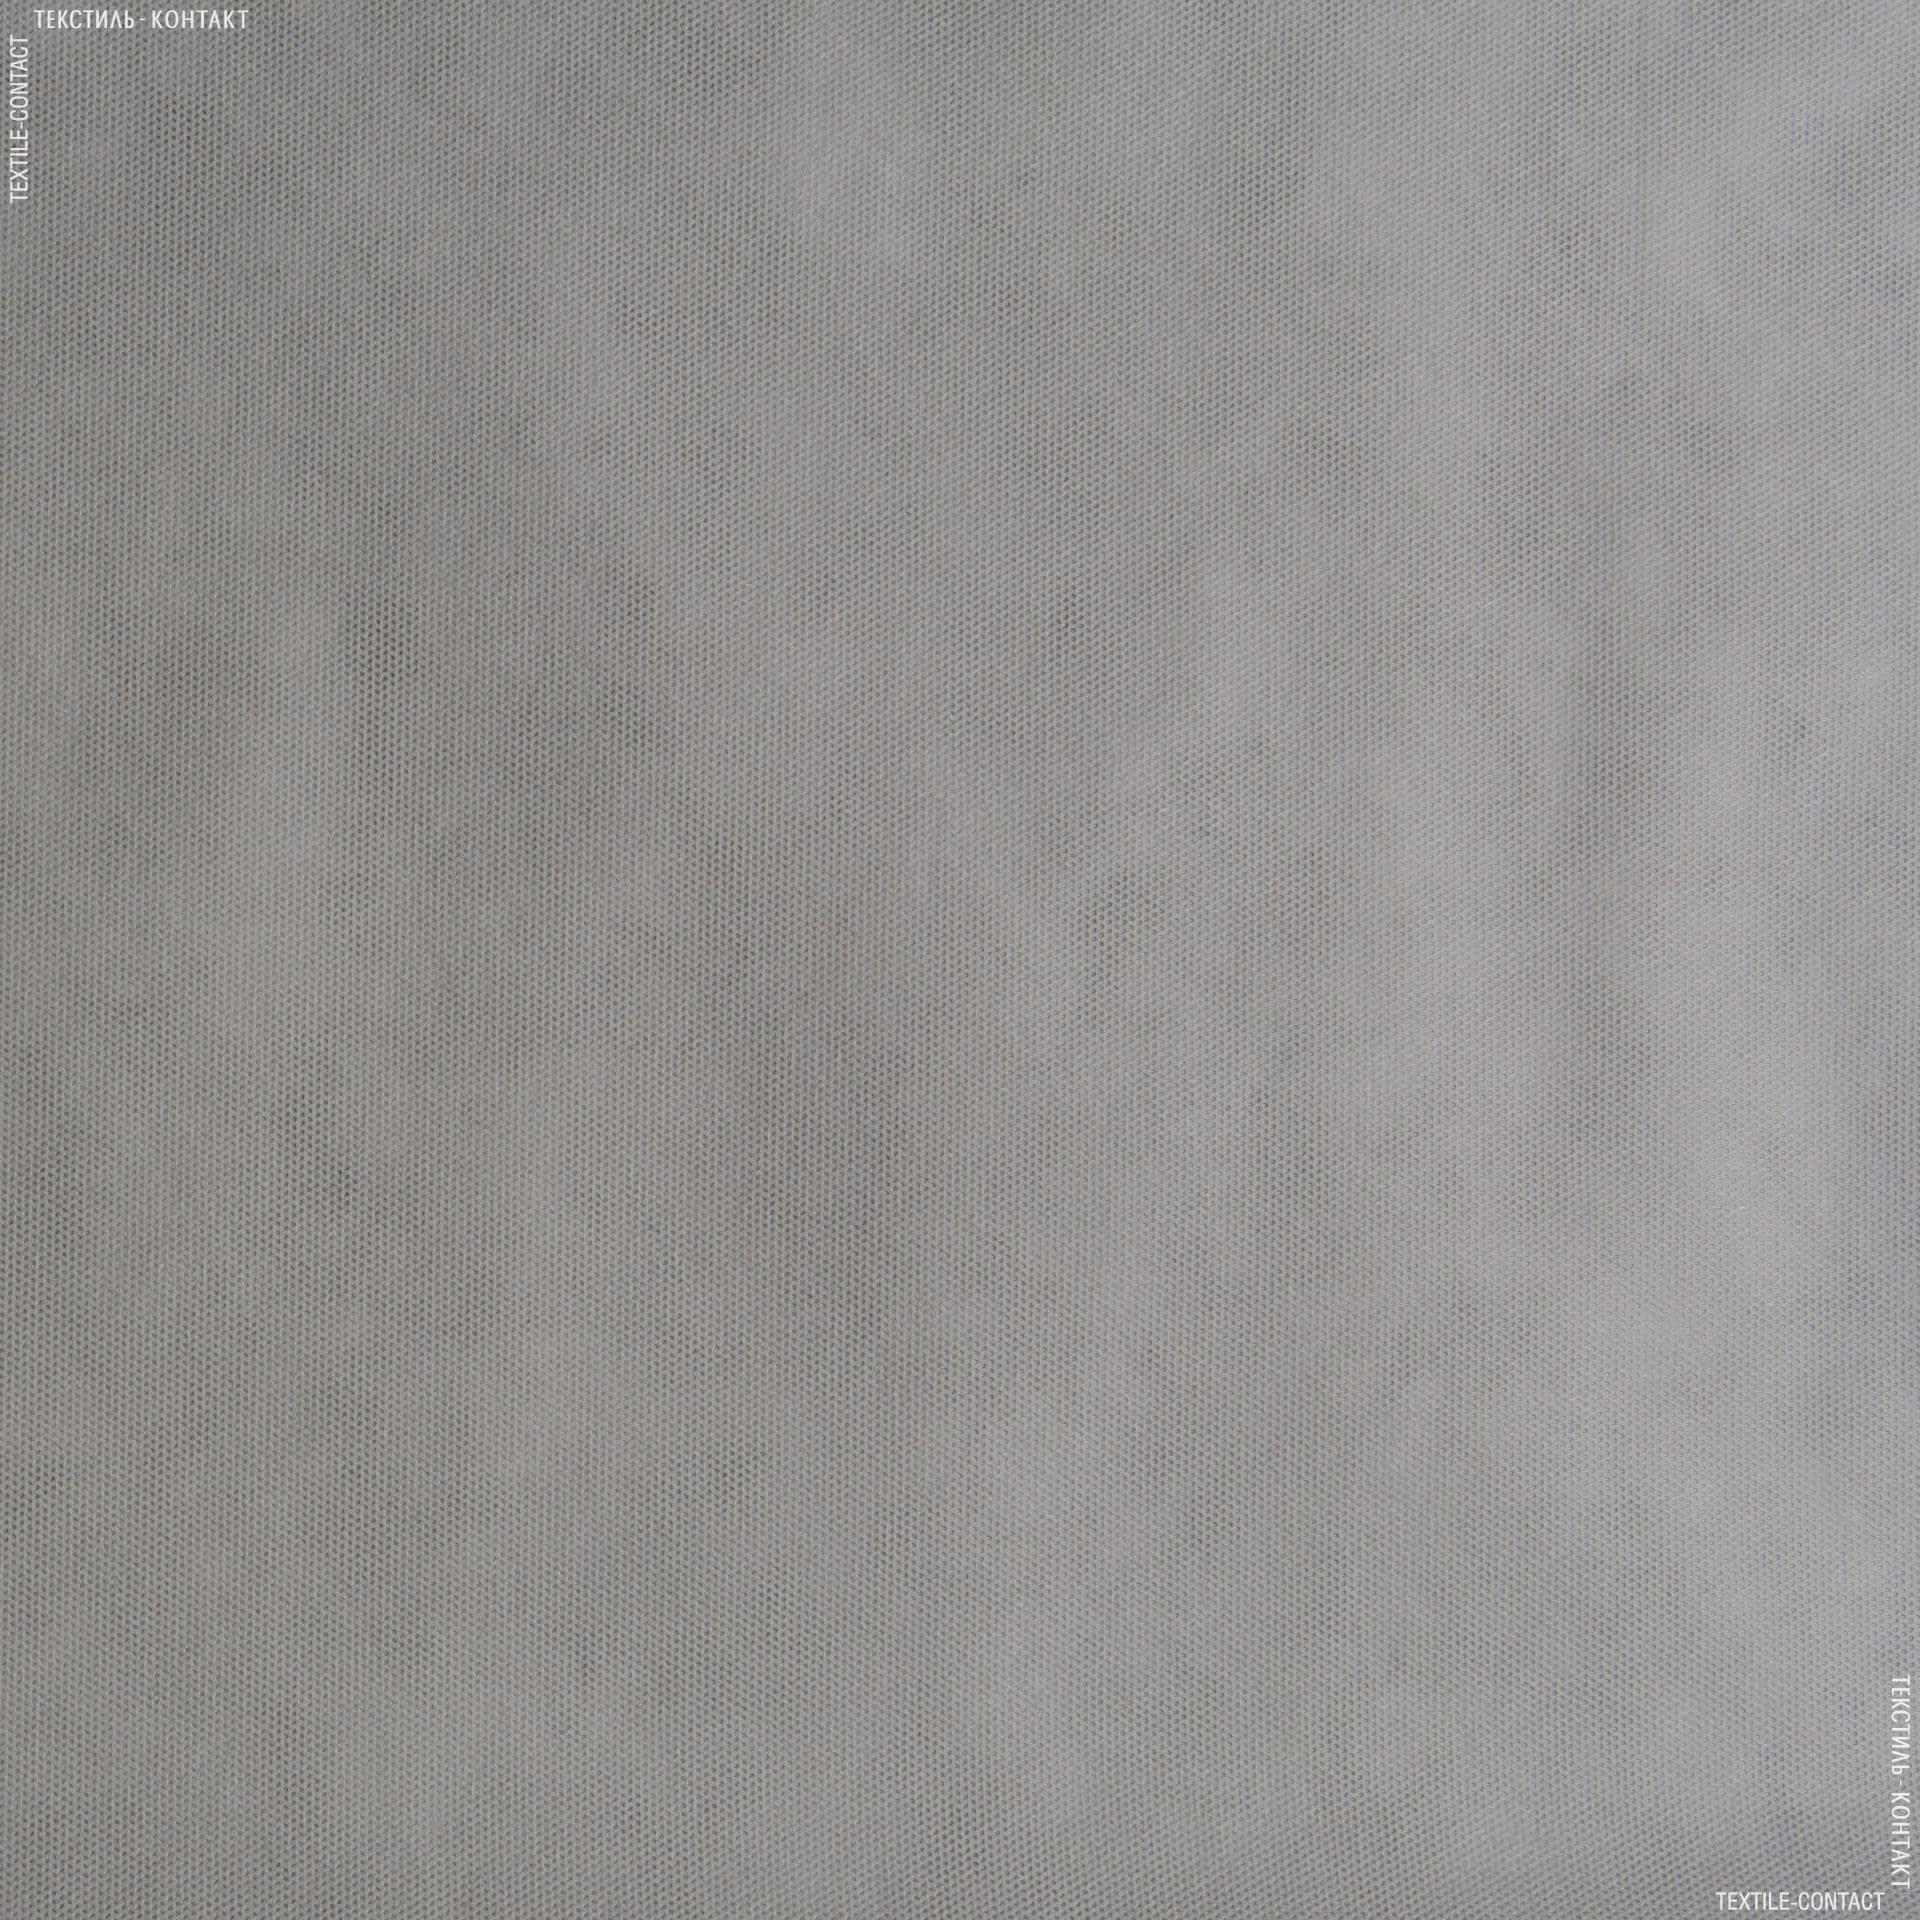 Тканини для сумок - Спанбонд  60g світло-сірий